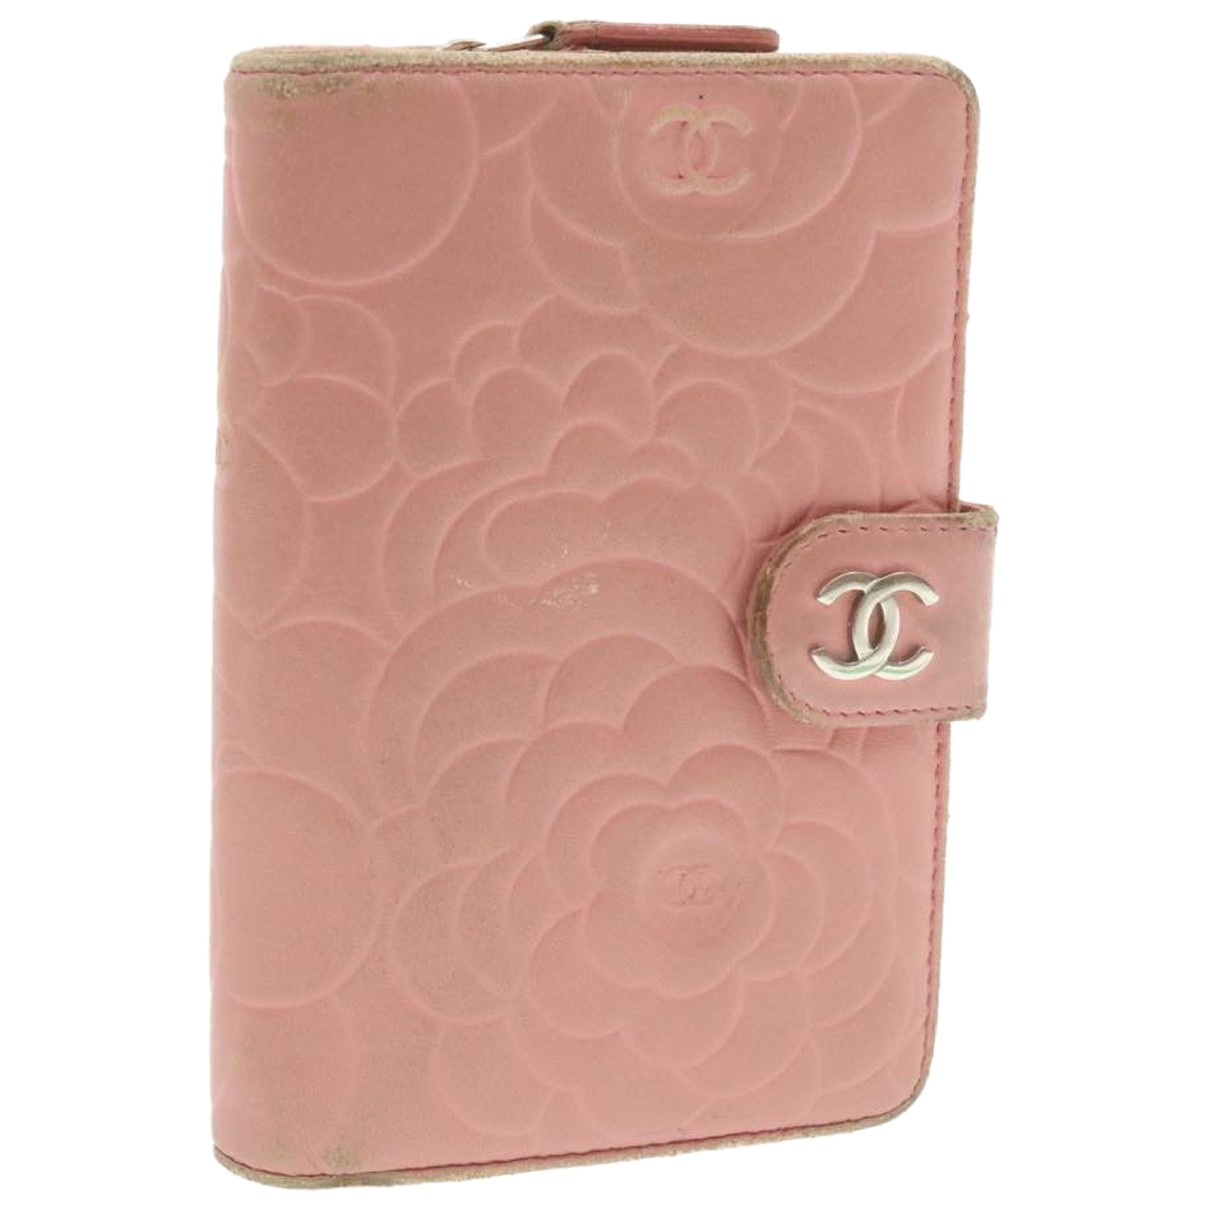 Chanel - Foulard   pour femme en autre - rose